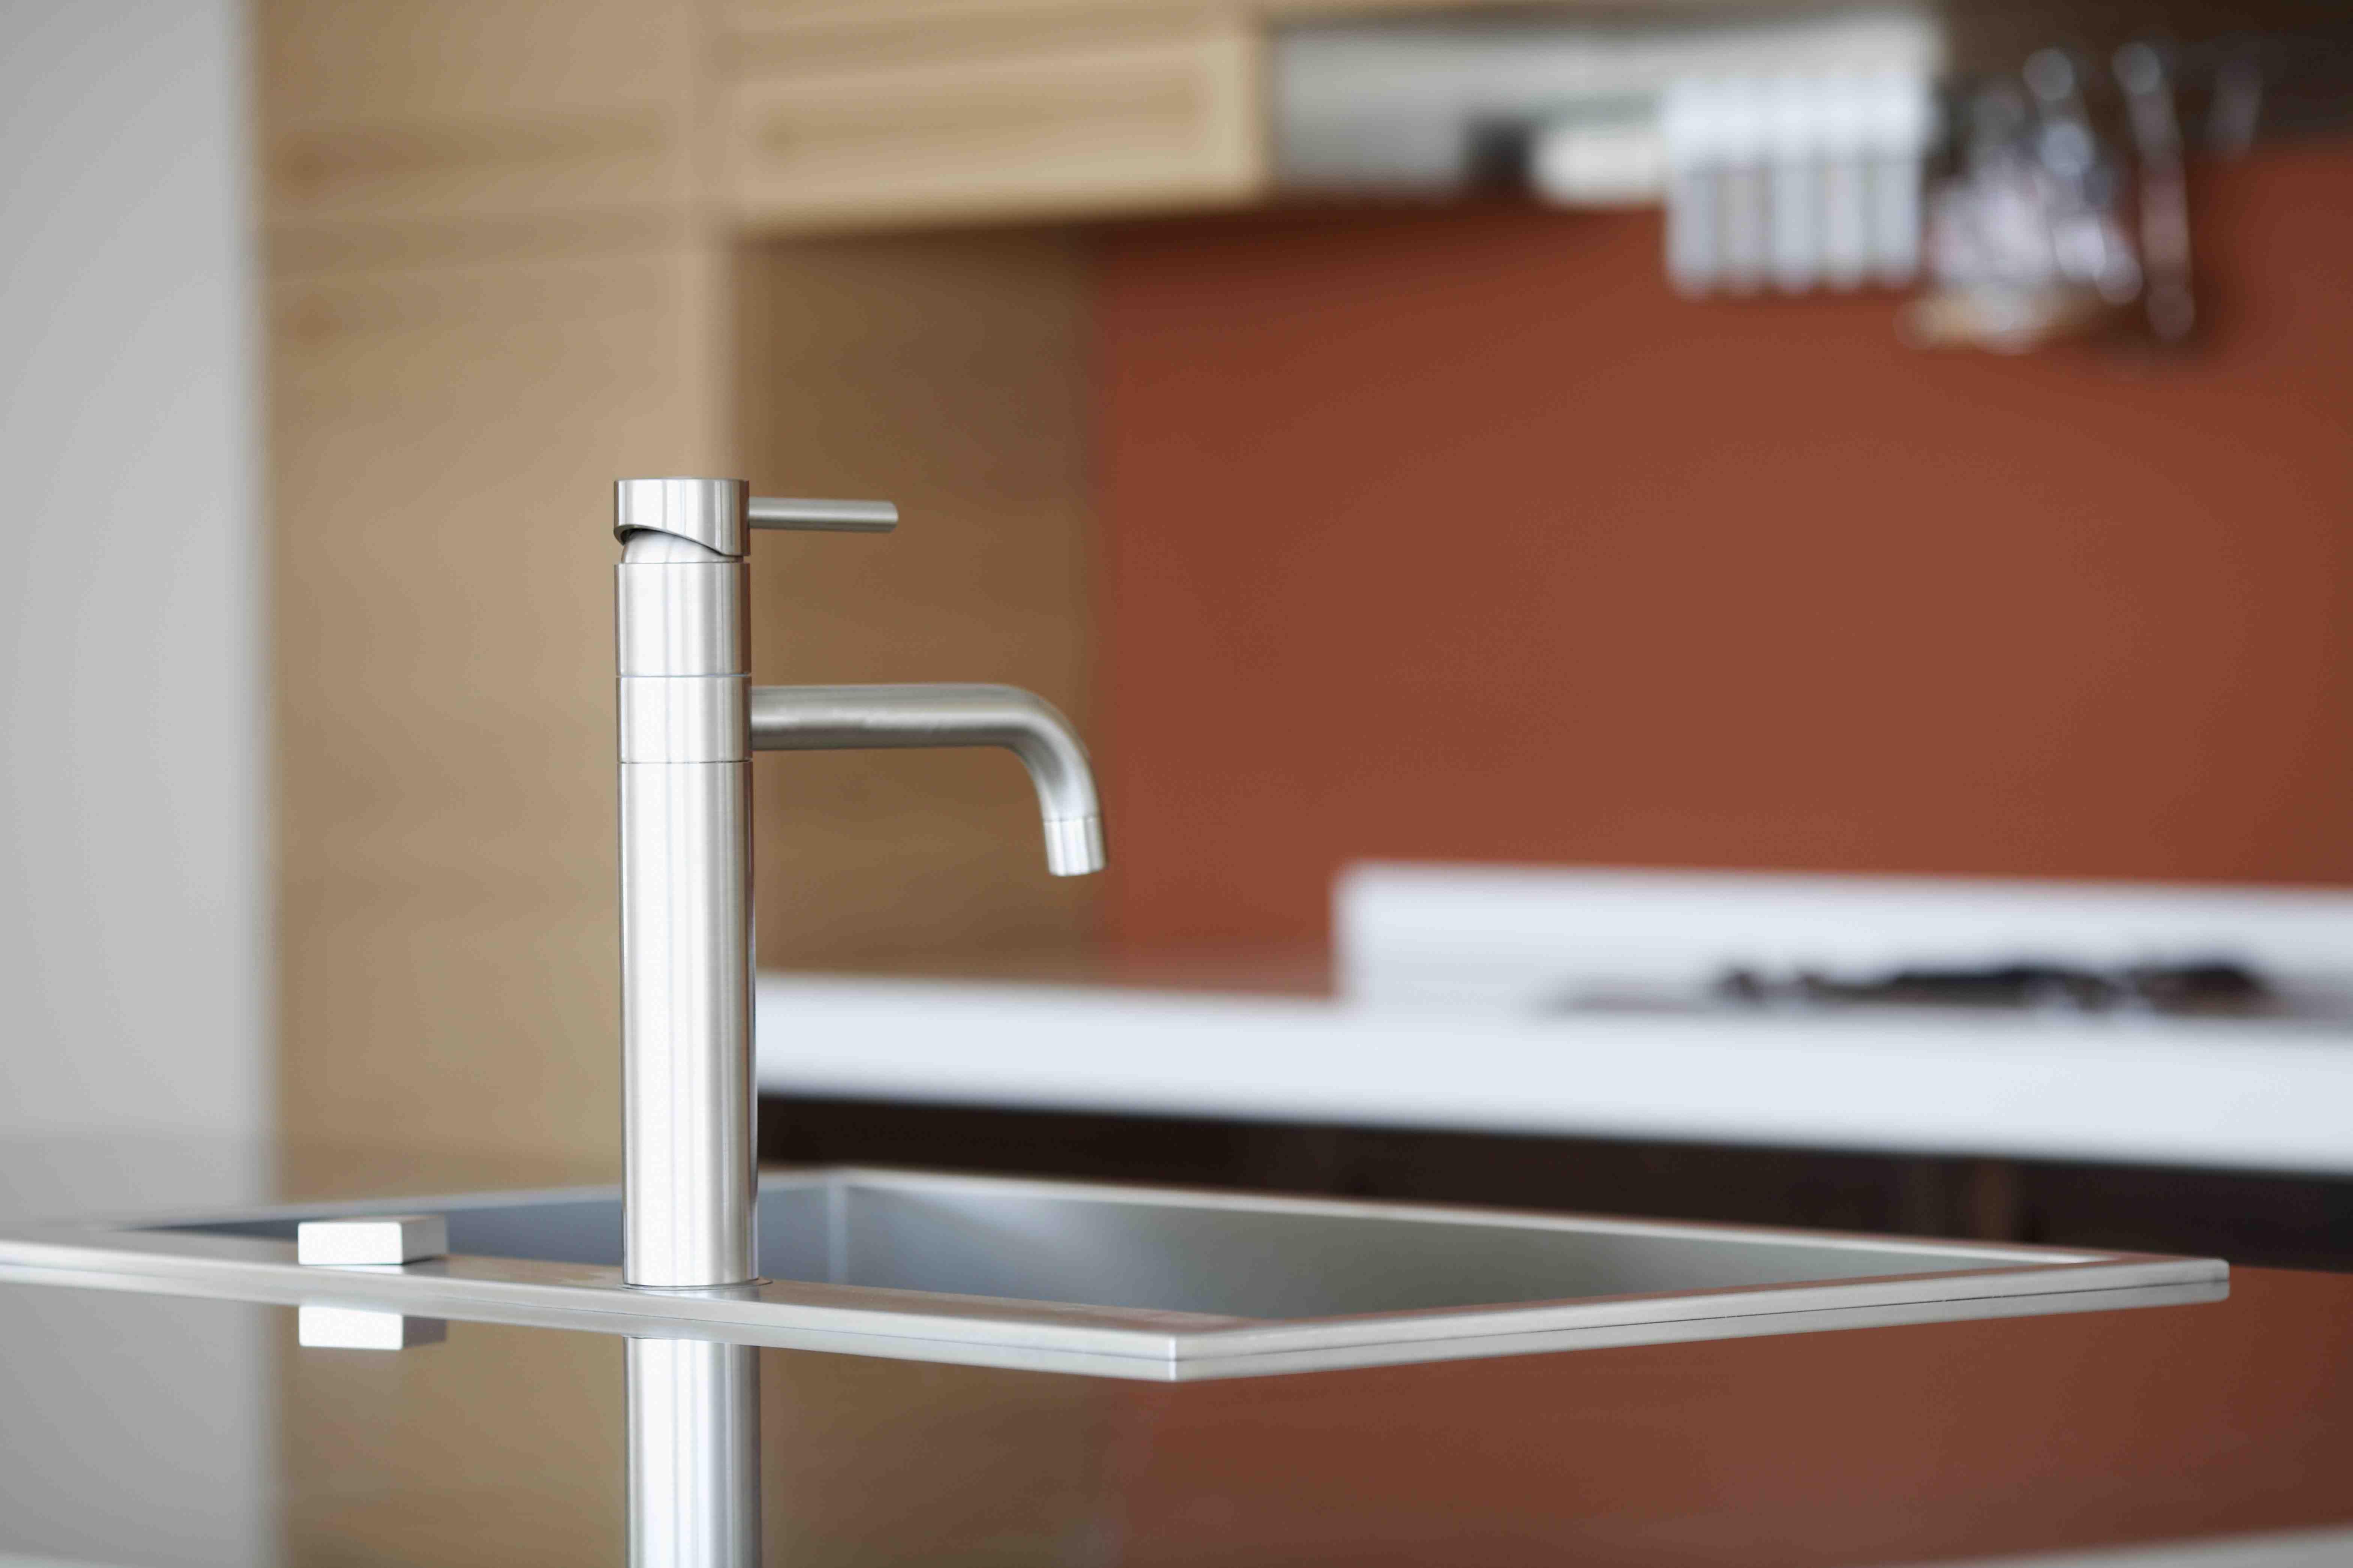 Bere l'acqua dal rubinetto è sicuro /